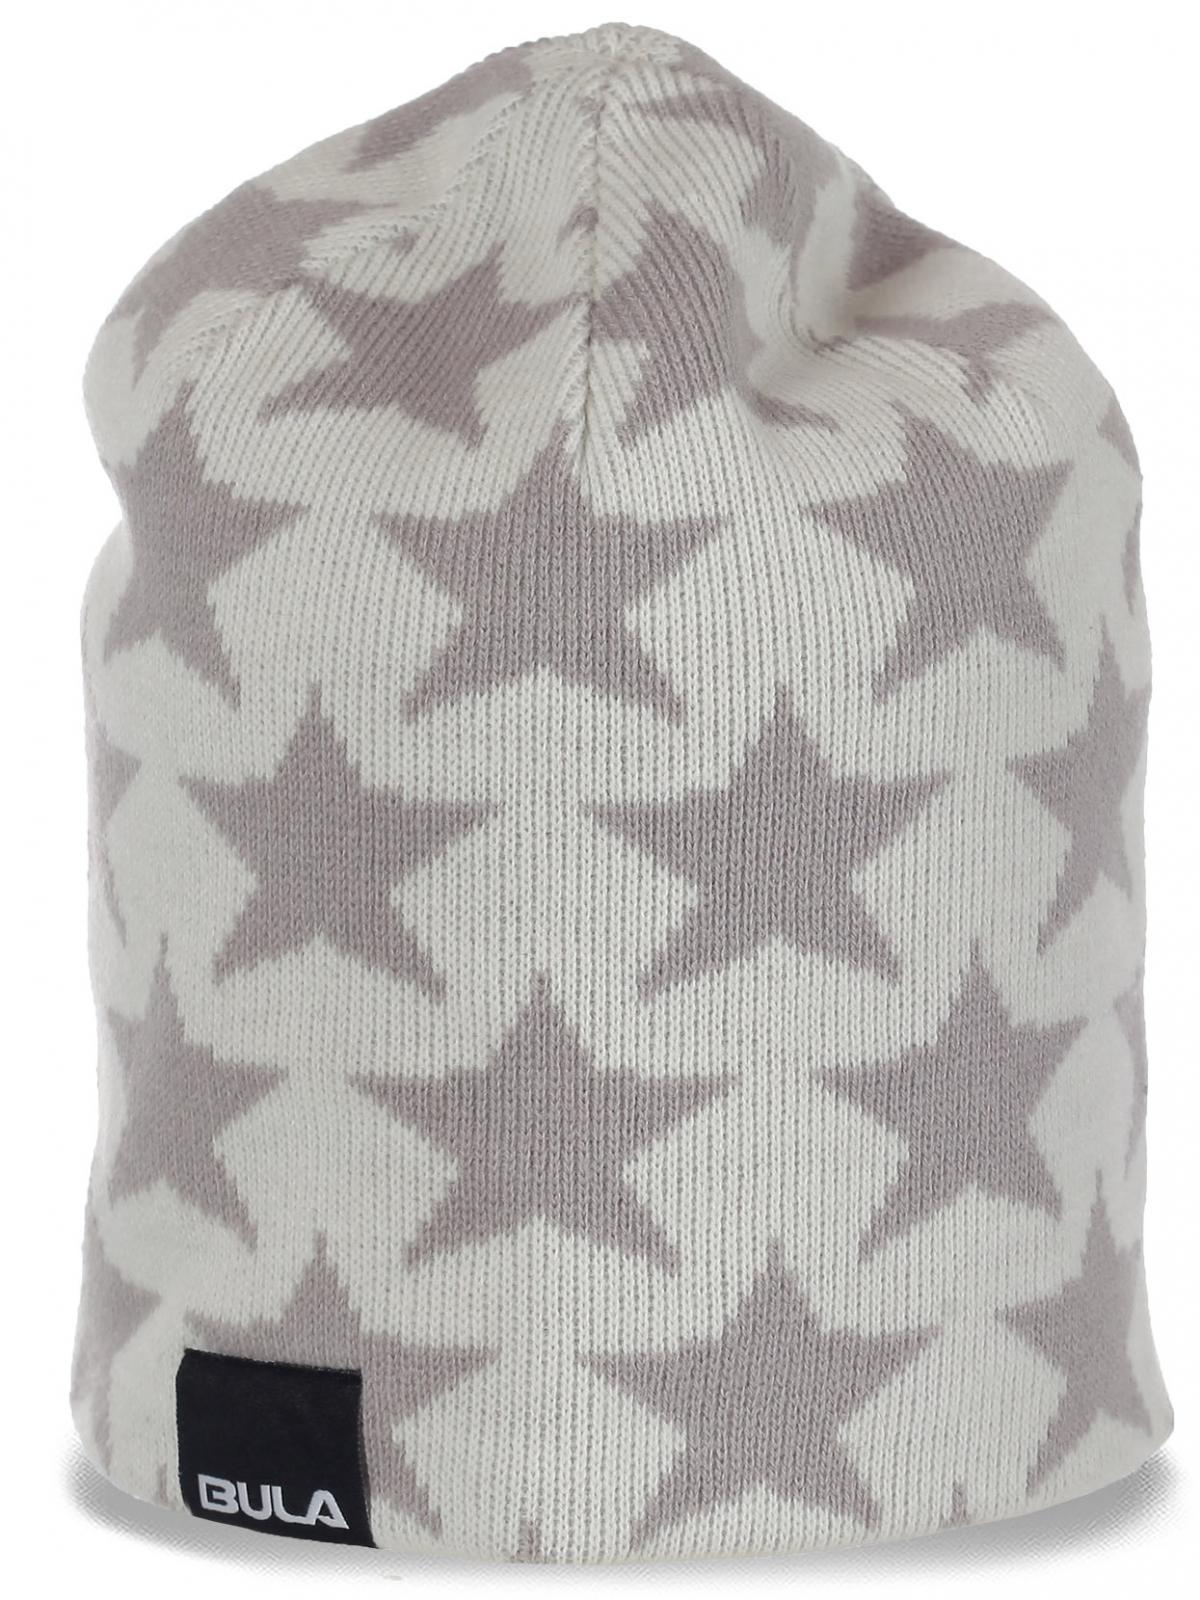 Стильная трикотажная женская шапка бини бренда Bula новомодный лучший звездный вариант